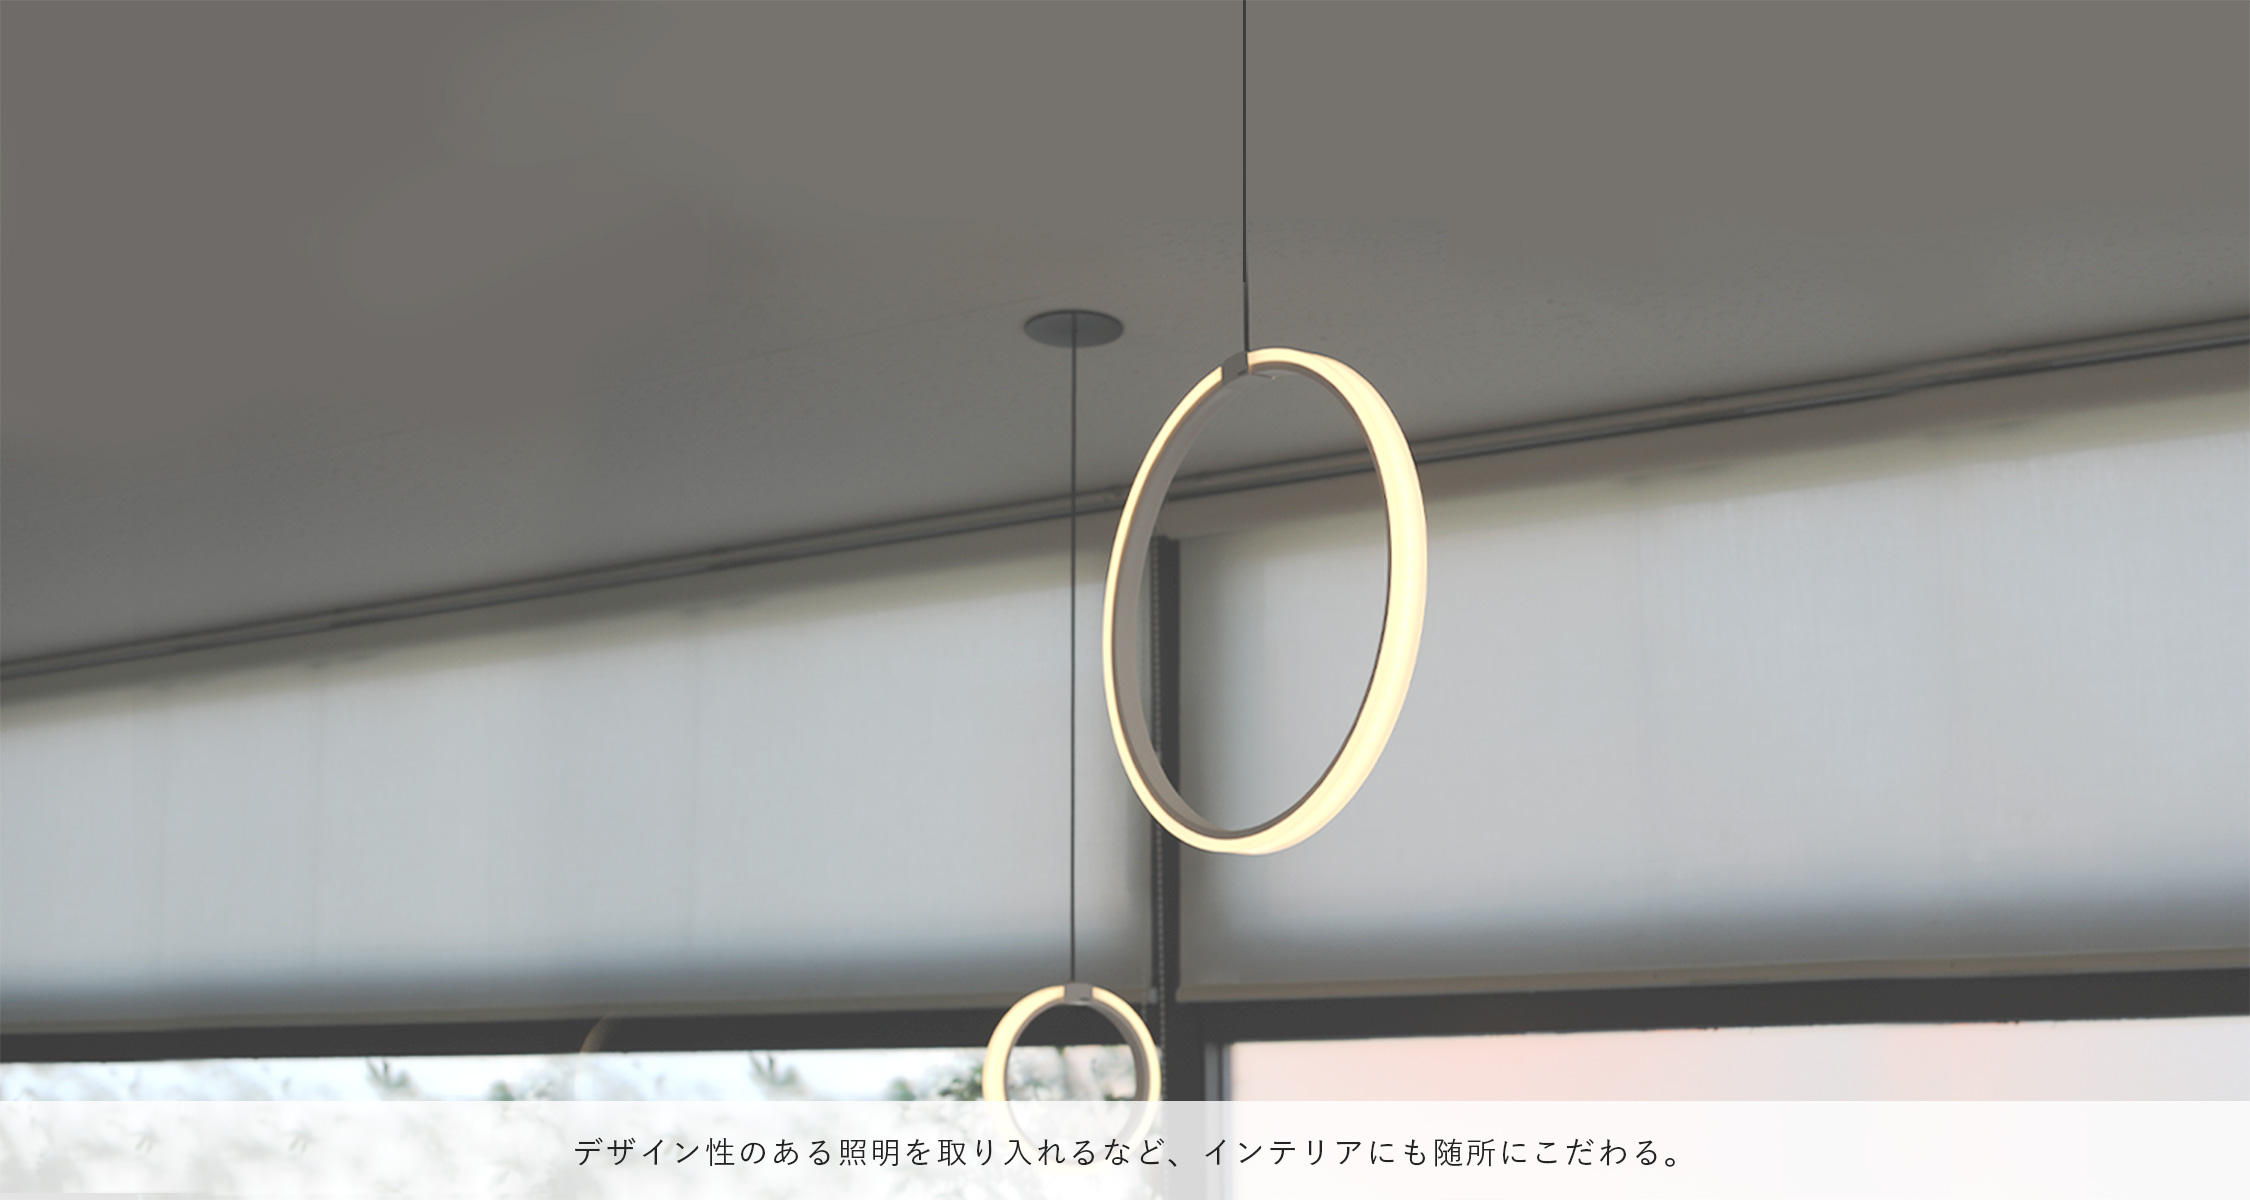 デザイン性のある照明を取り入れるなど、インテリアにも随所にこだわる。